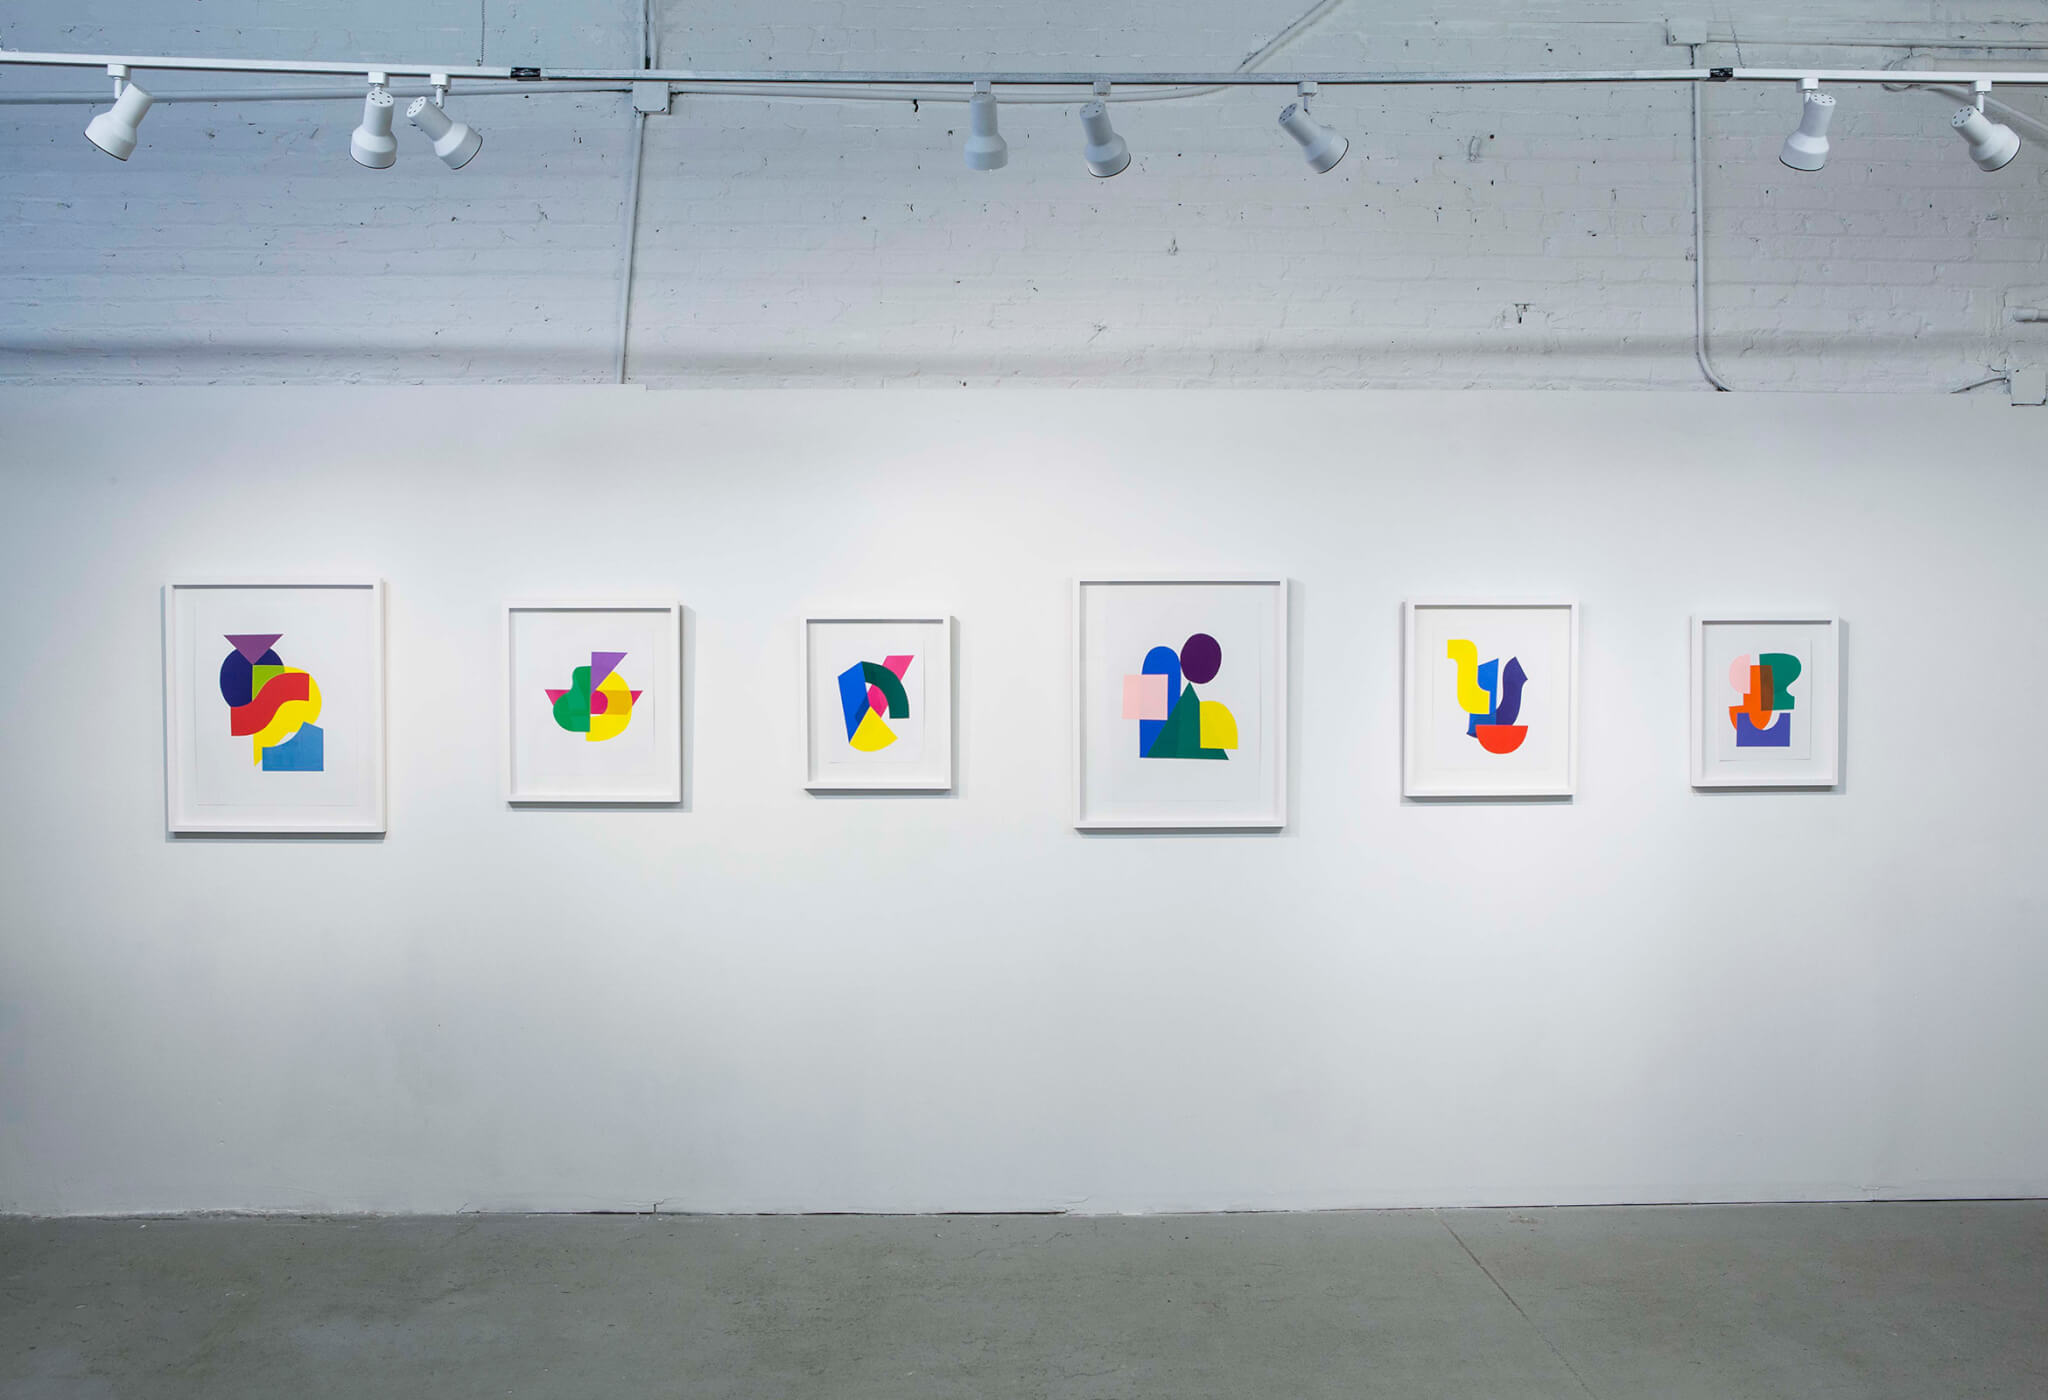 Pinturas en espacio de Chad con colores